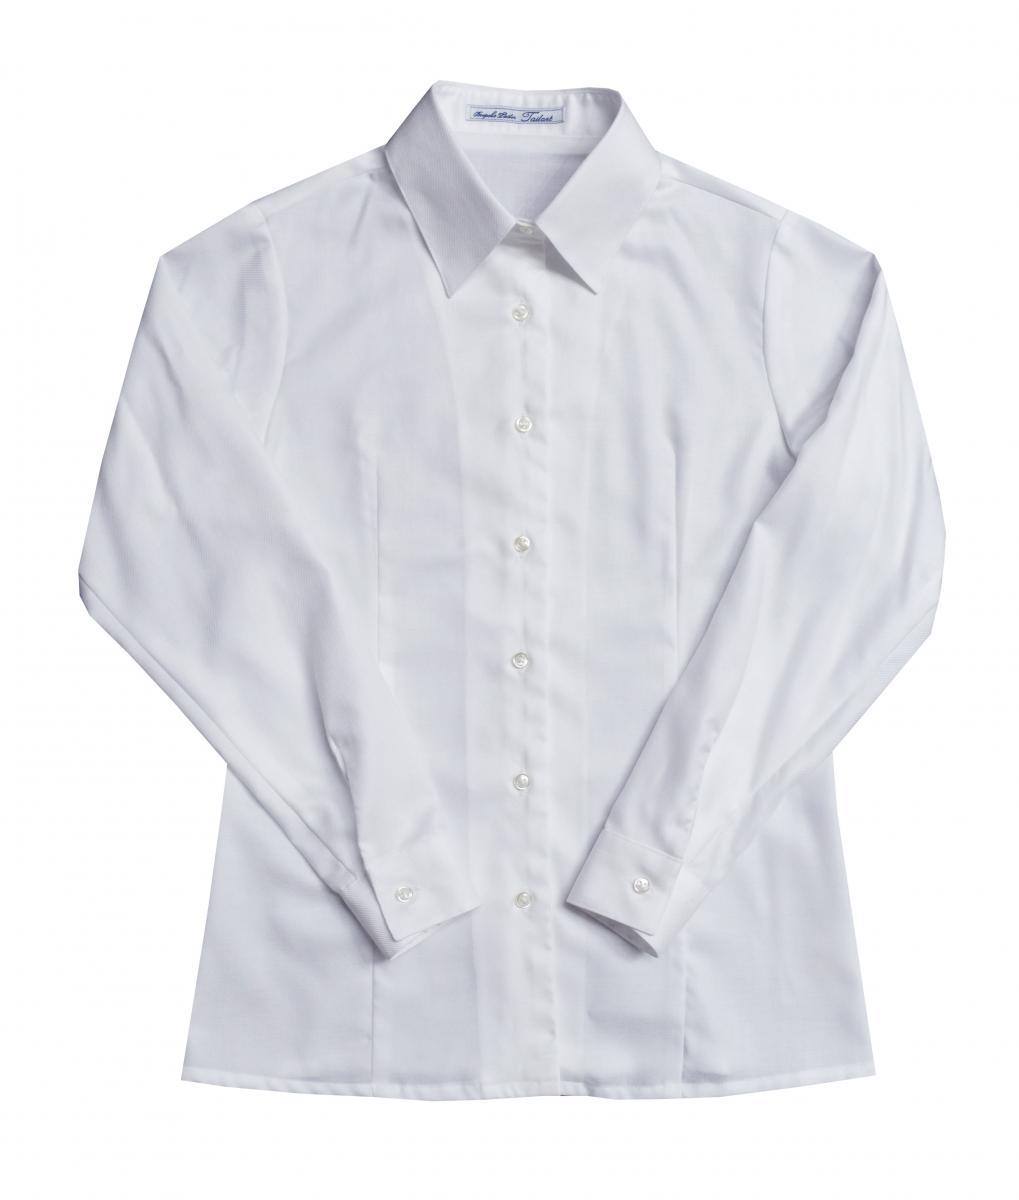 [オーダーシャツ]形態安定でお手入れが楽々!プレミアムツイル生地